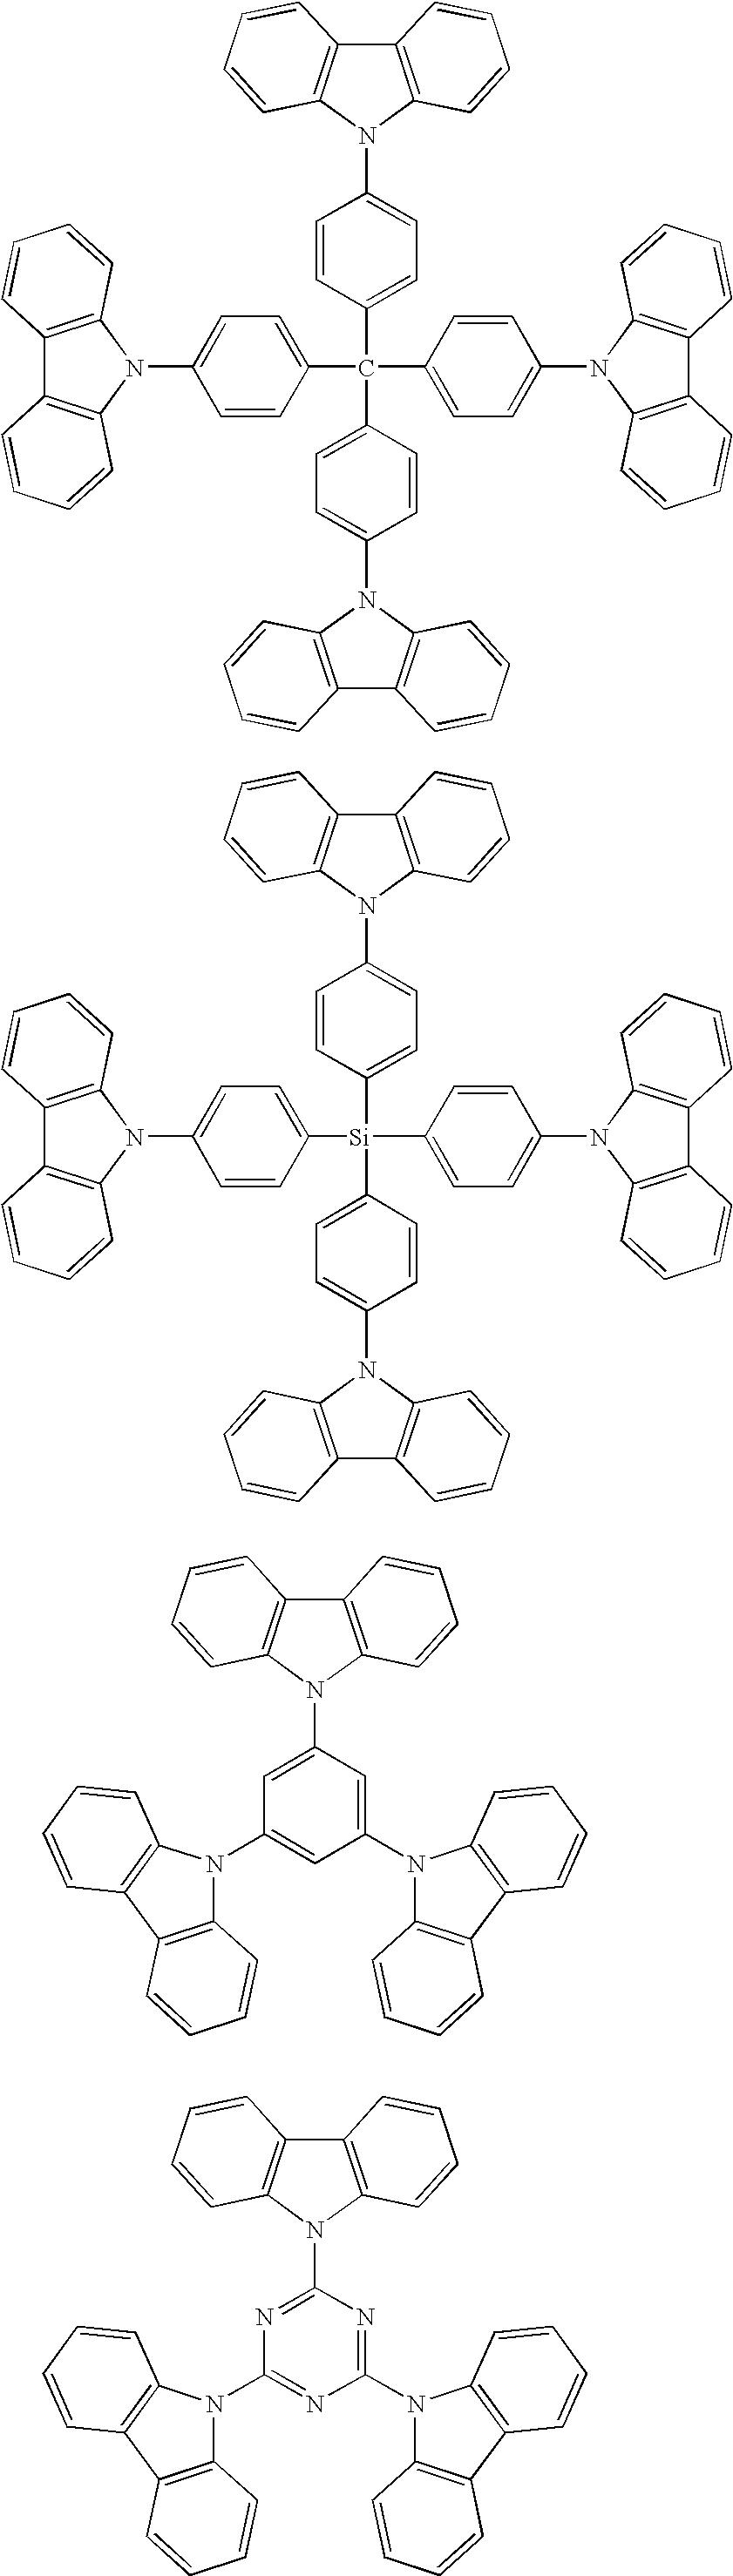 Figure US20060134464A1-20060622-C00011